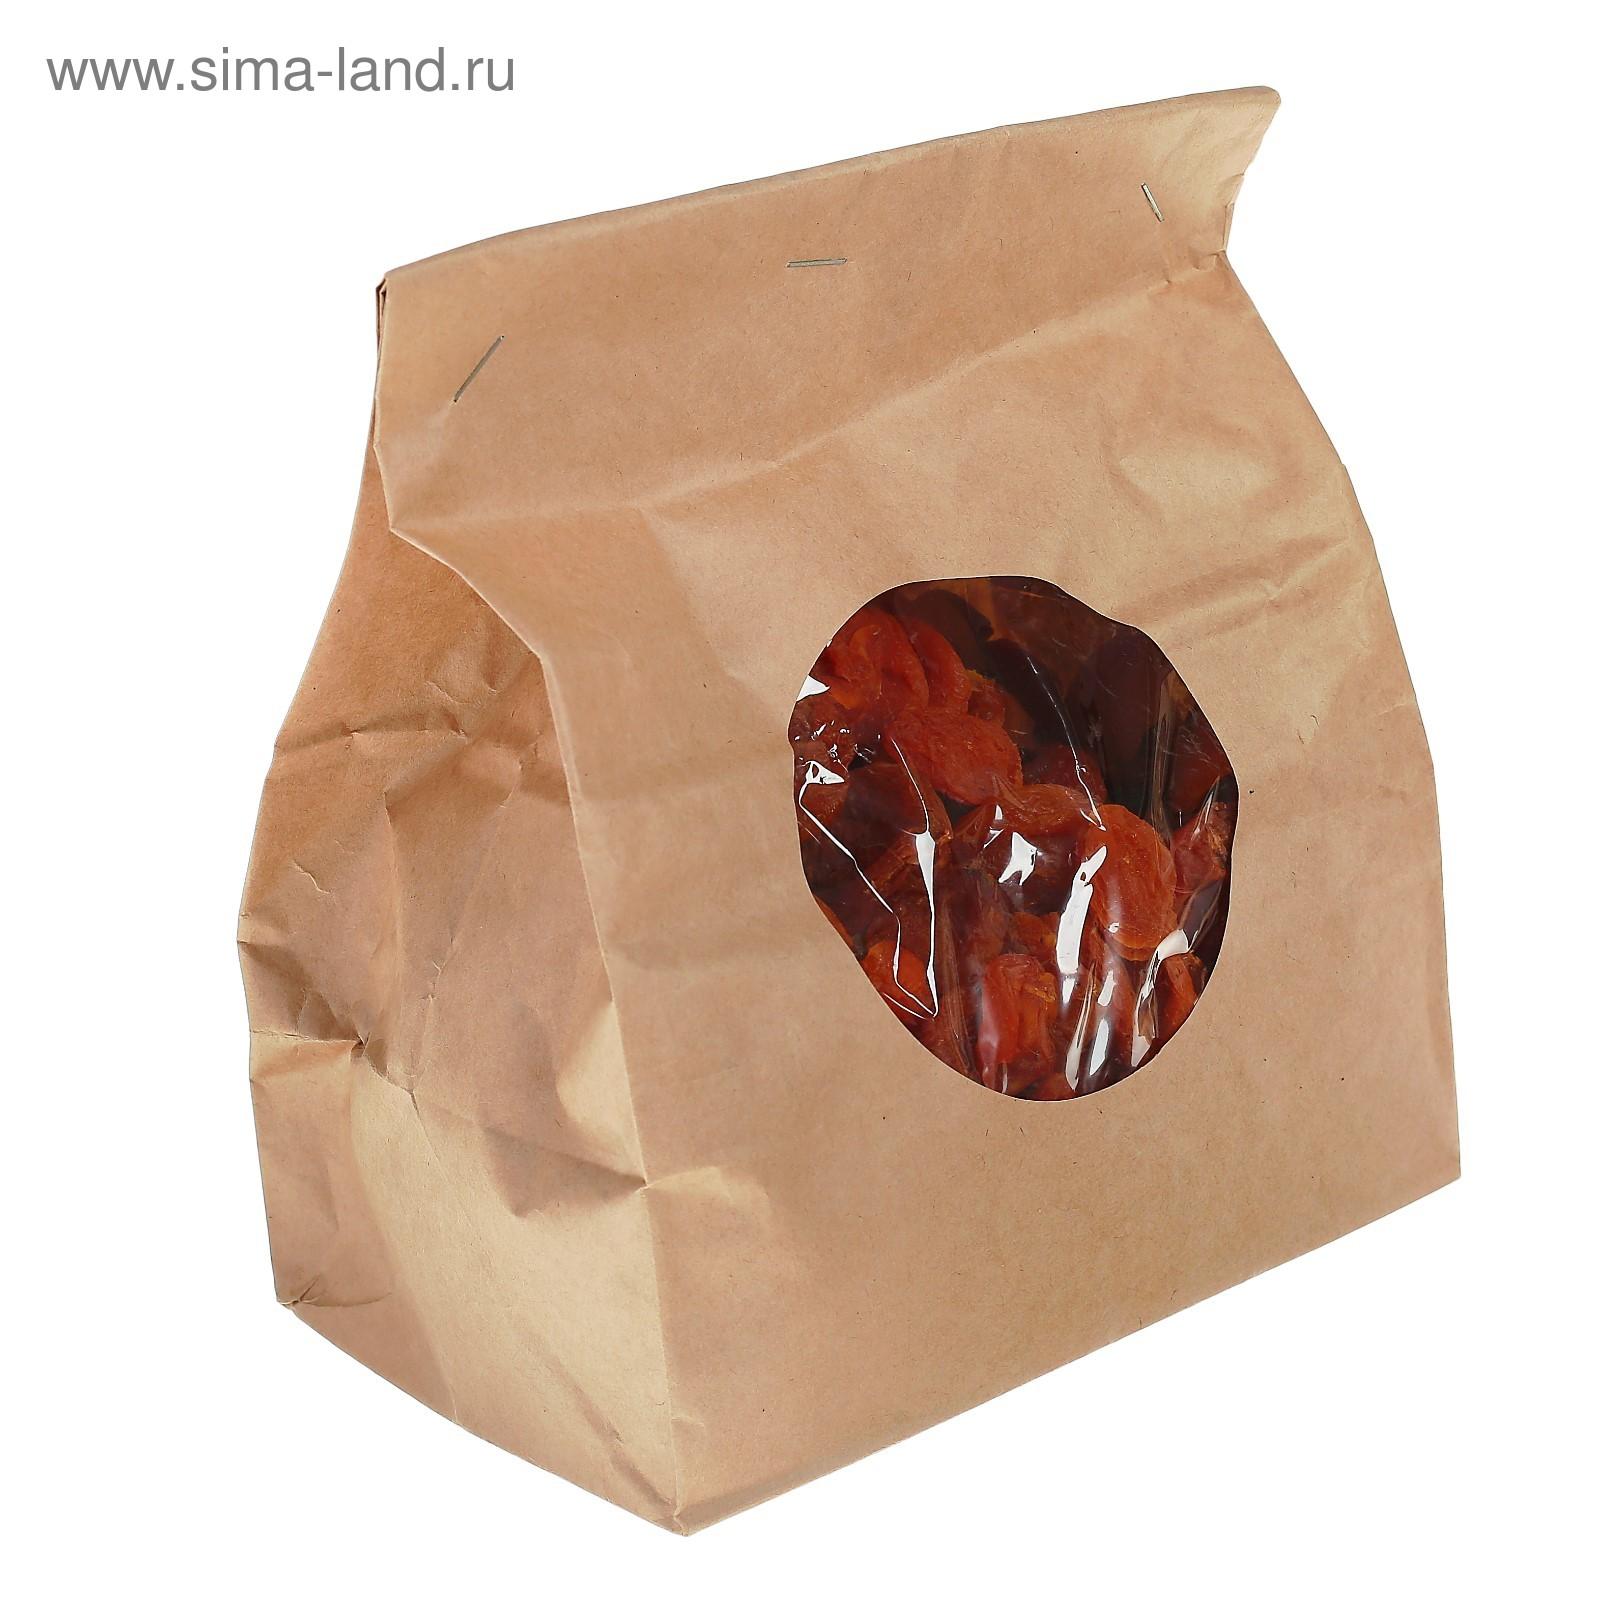 Курага красная первый сорт крафт пакет 1кг (3270419) - Купить по ... ffdbc83b76d